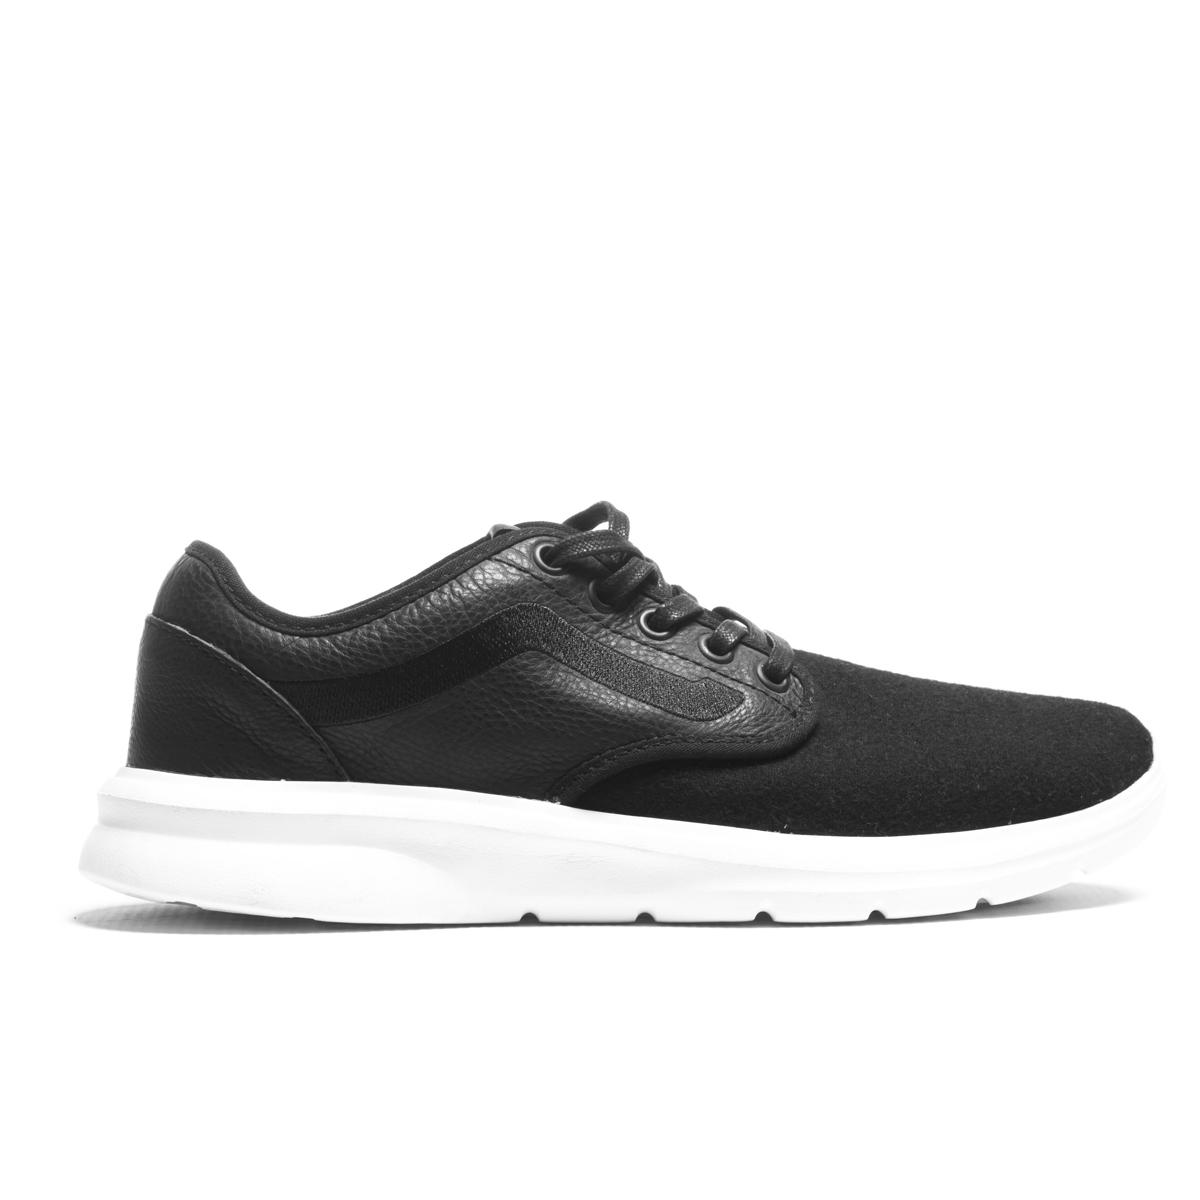 cała kolekcja kupować nowe dostępny Vans ISO 2 (Wool / Black / White) : buty skate : Sklep on ...